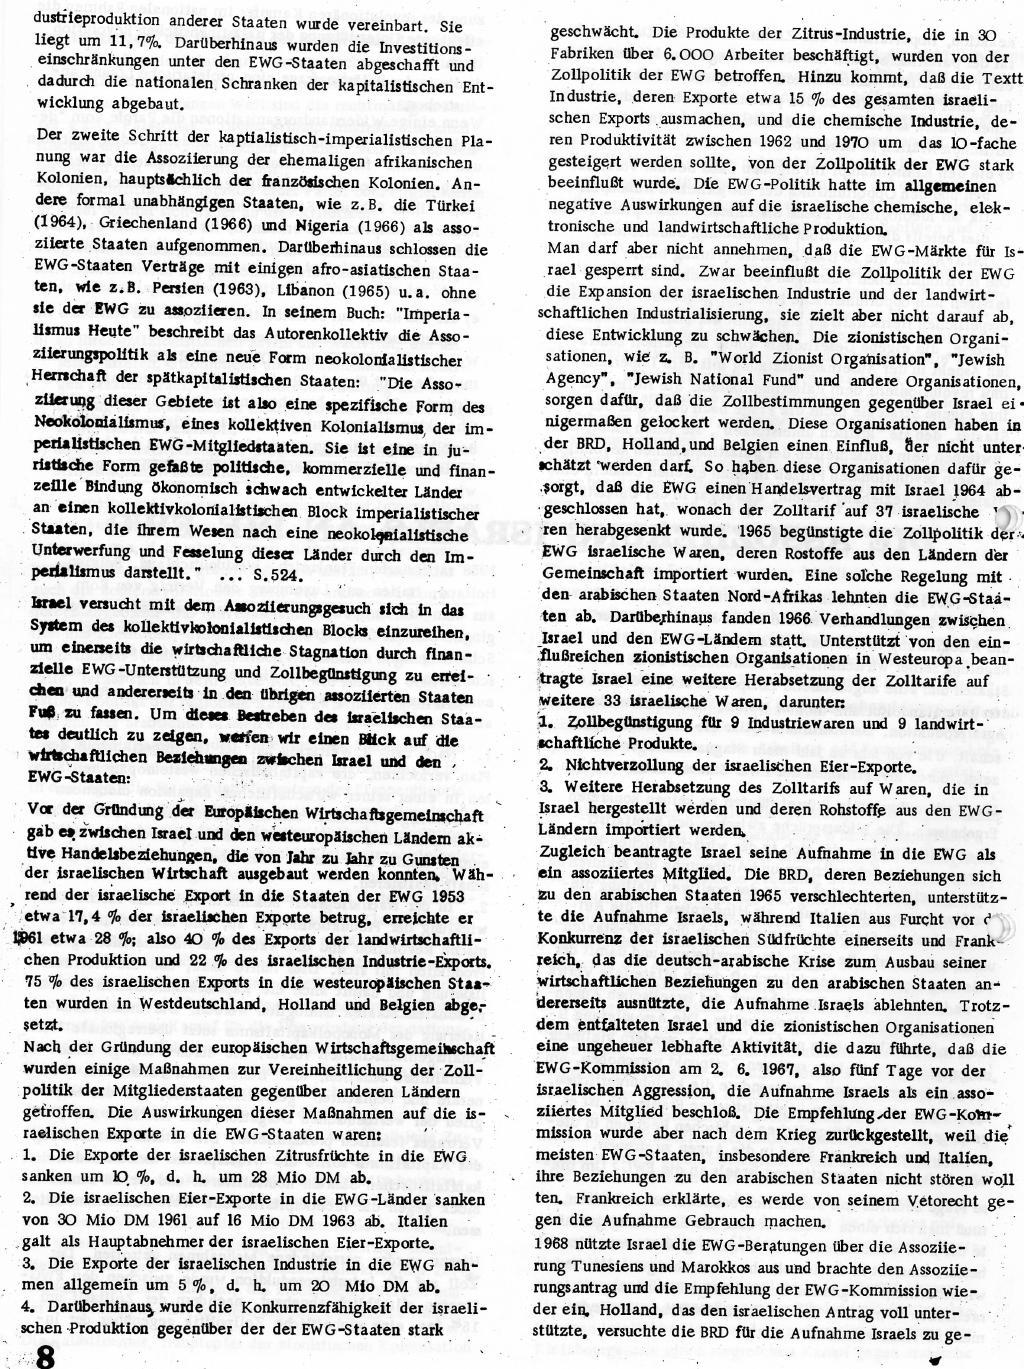 RPK_1970_067_08